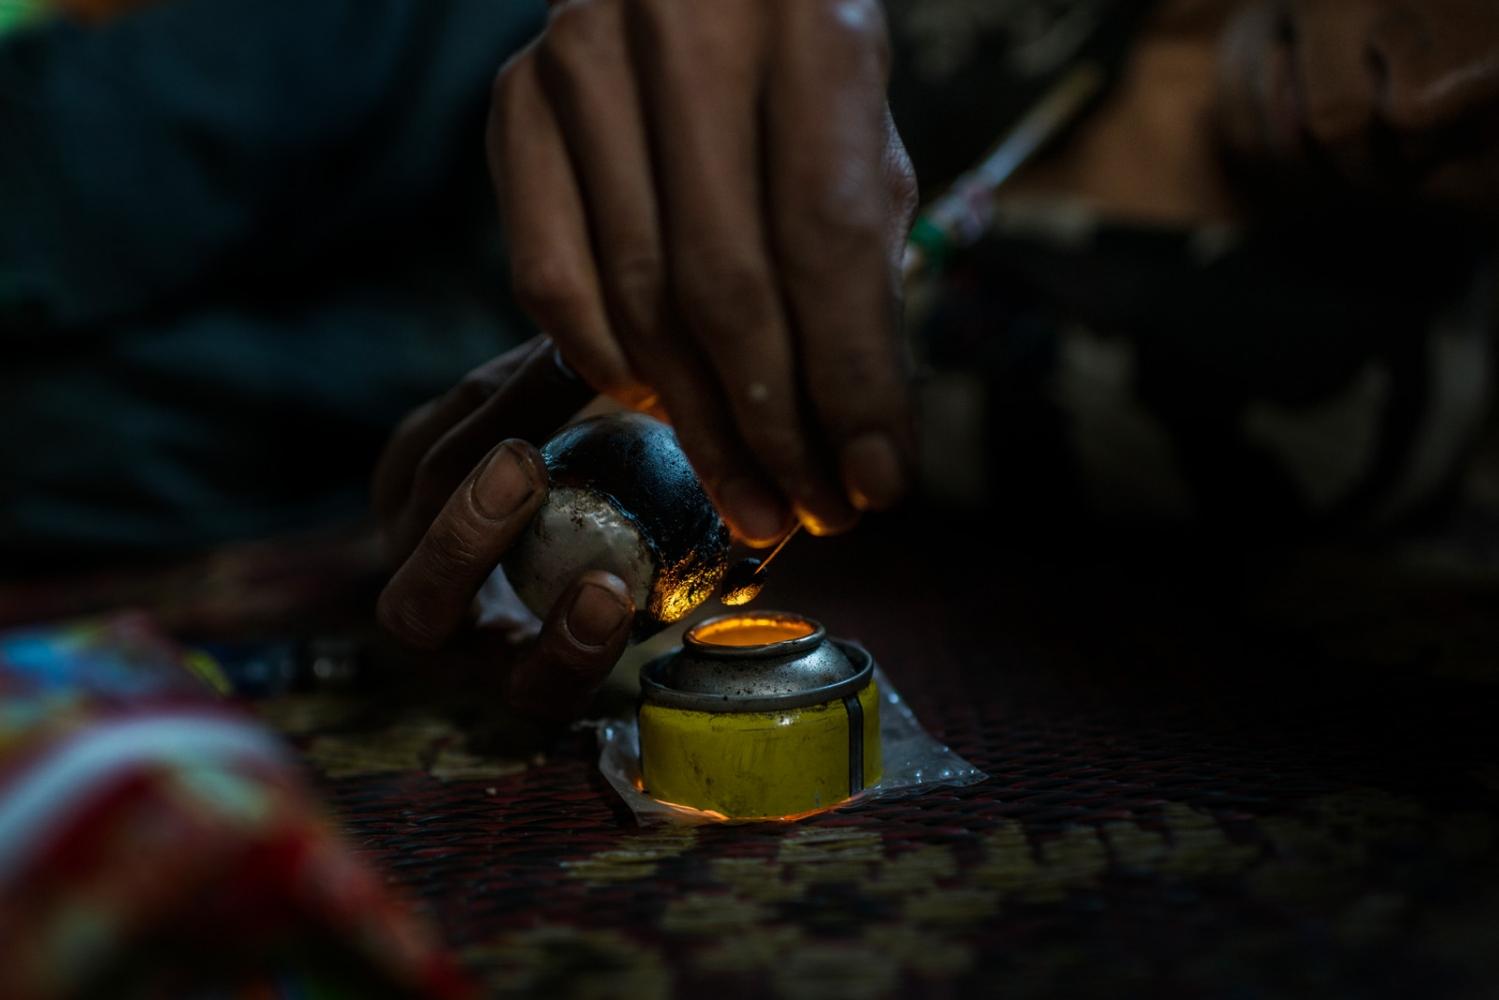 Art and Documentary Photography - Loading VS-Myanmar-drugs-10.JPG